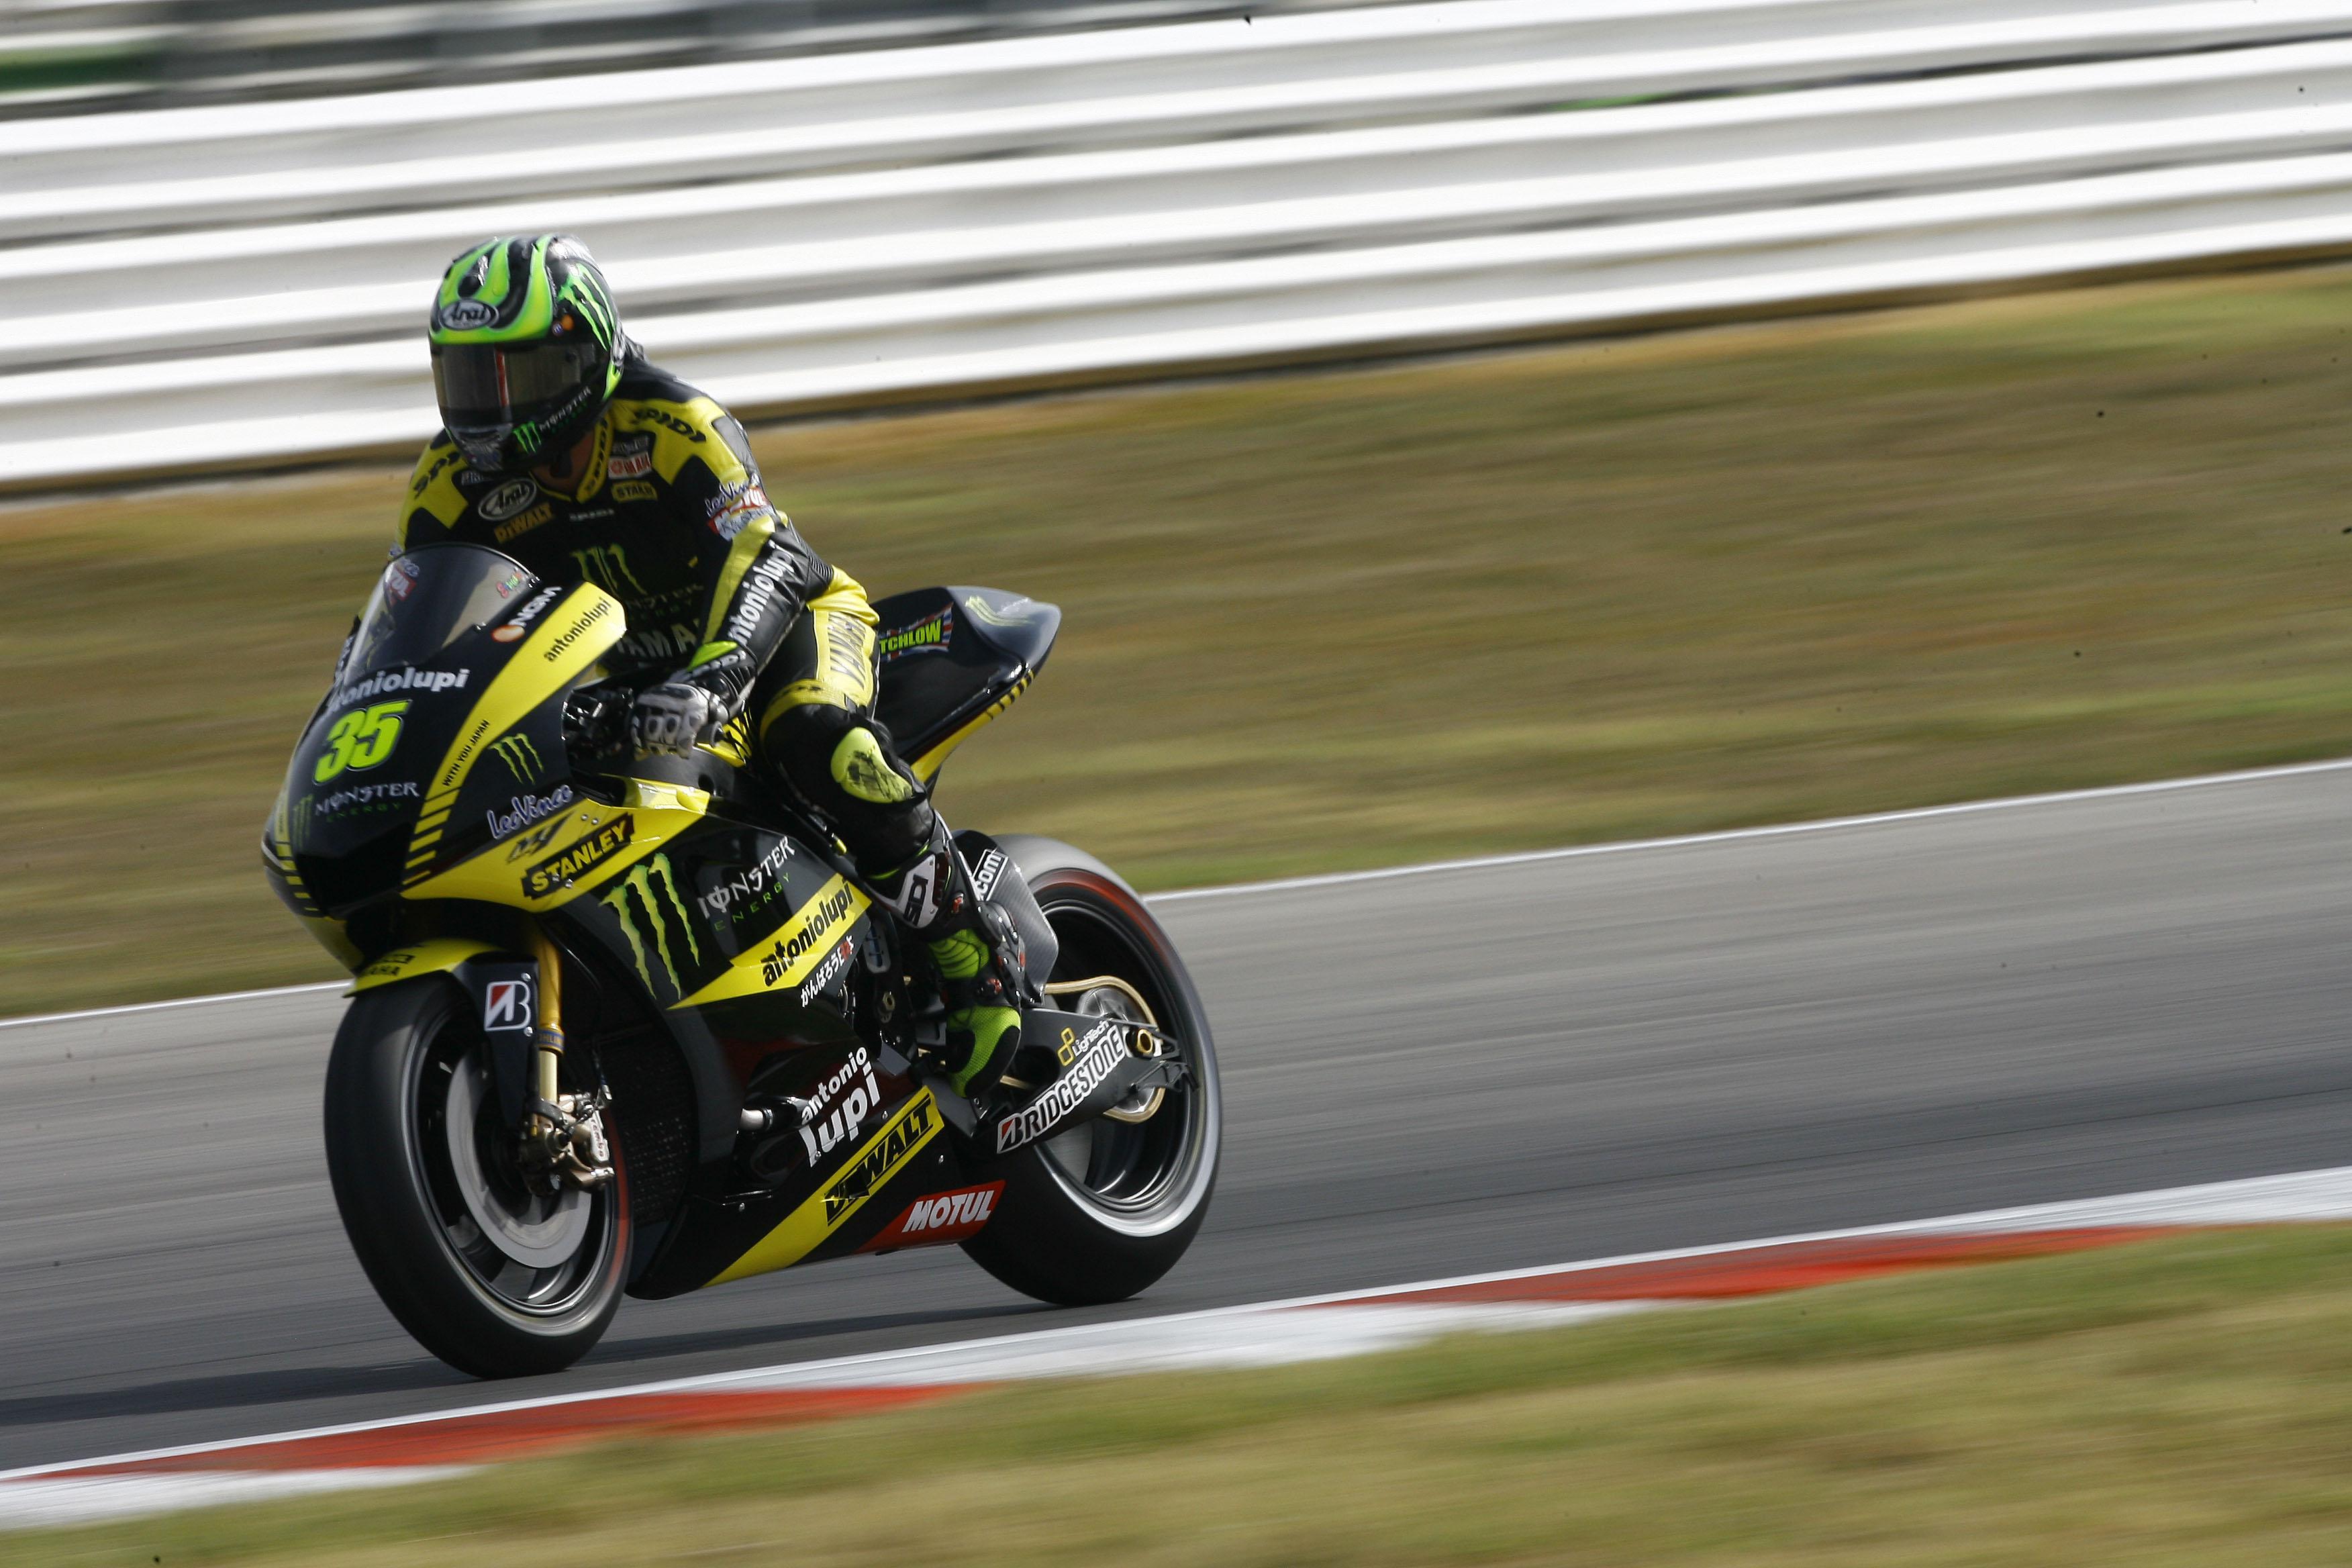 Cal Crutchlow Tech3 Yamaha Misano MotoGP 2011